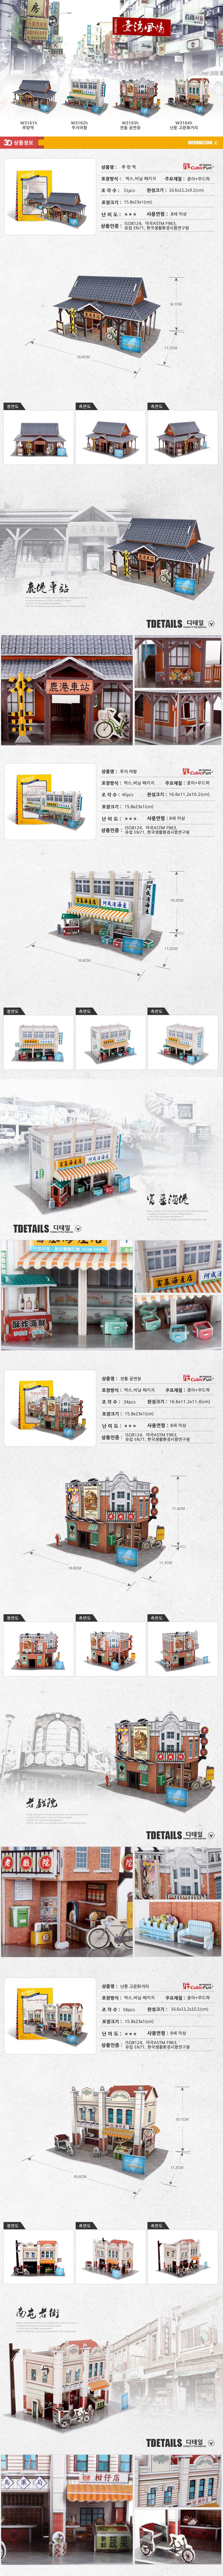 큐빅펀 3D월드스타일 대만 - 큐빅펀, 5,100원, 조각/퍼즐, 3D입체퍼즐